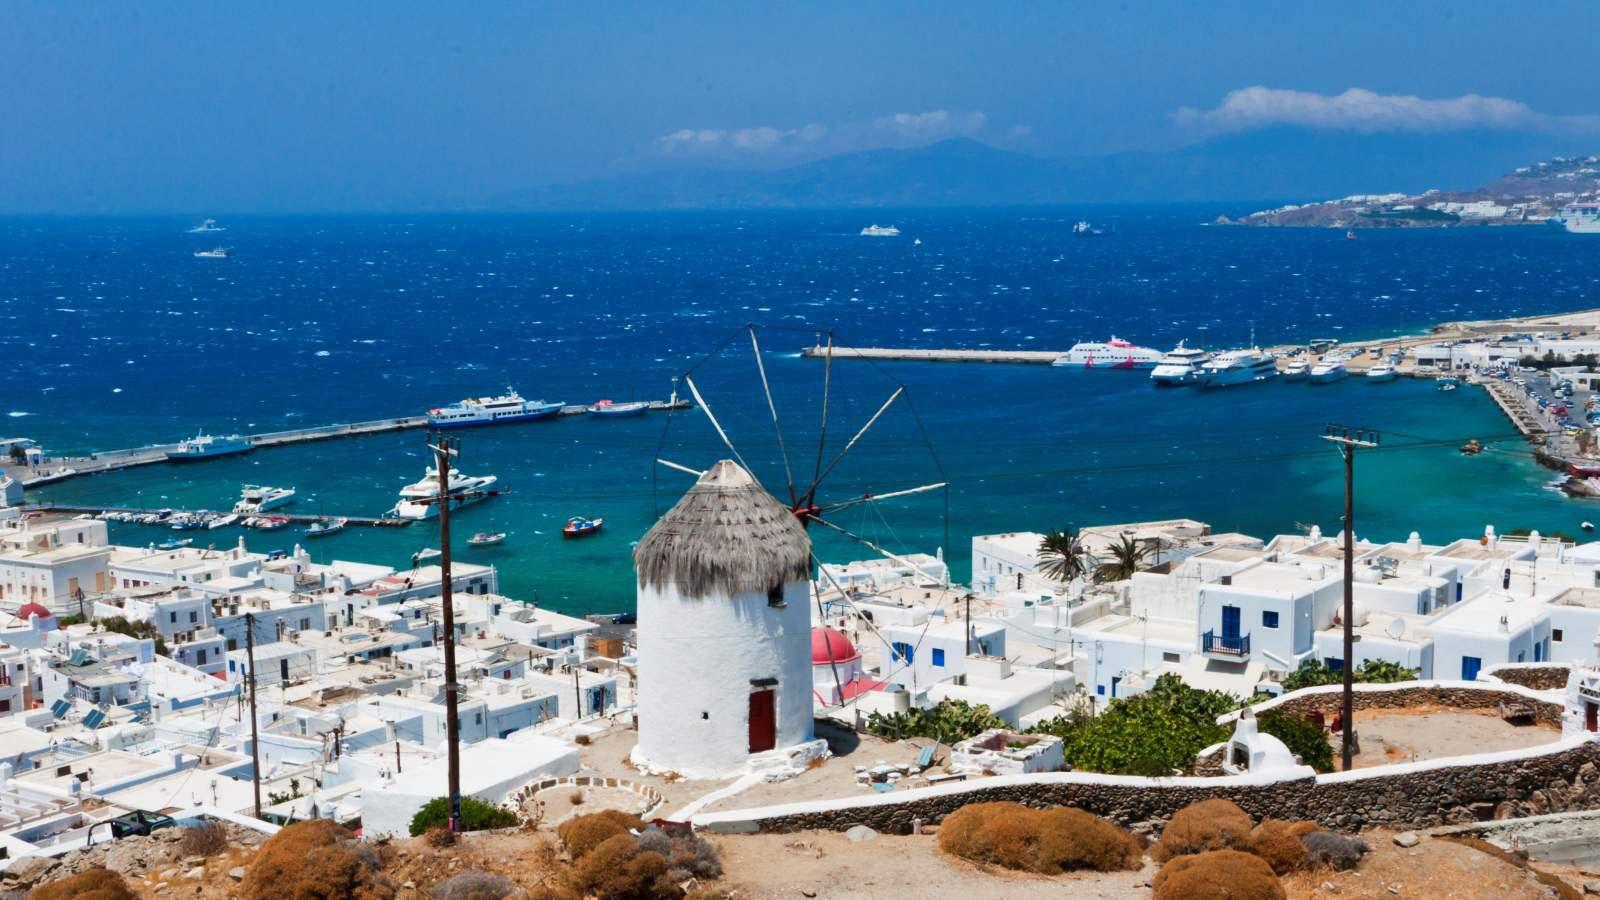 Grčko ostrvo Mikonos